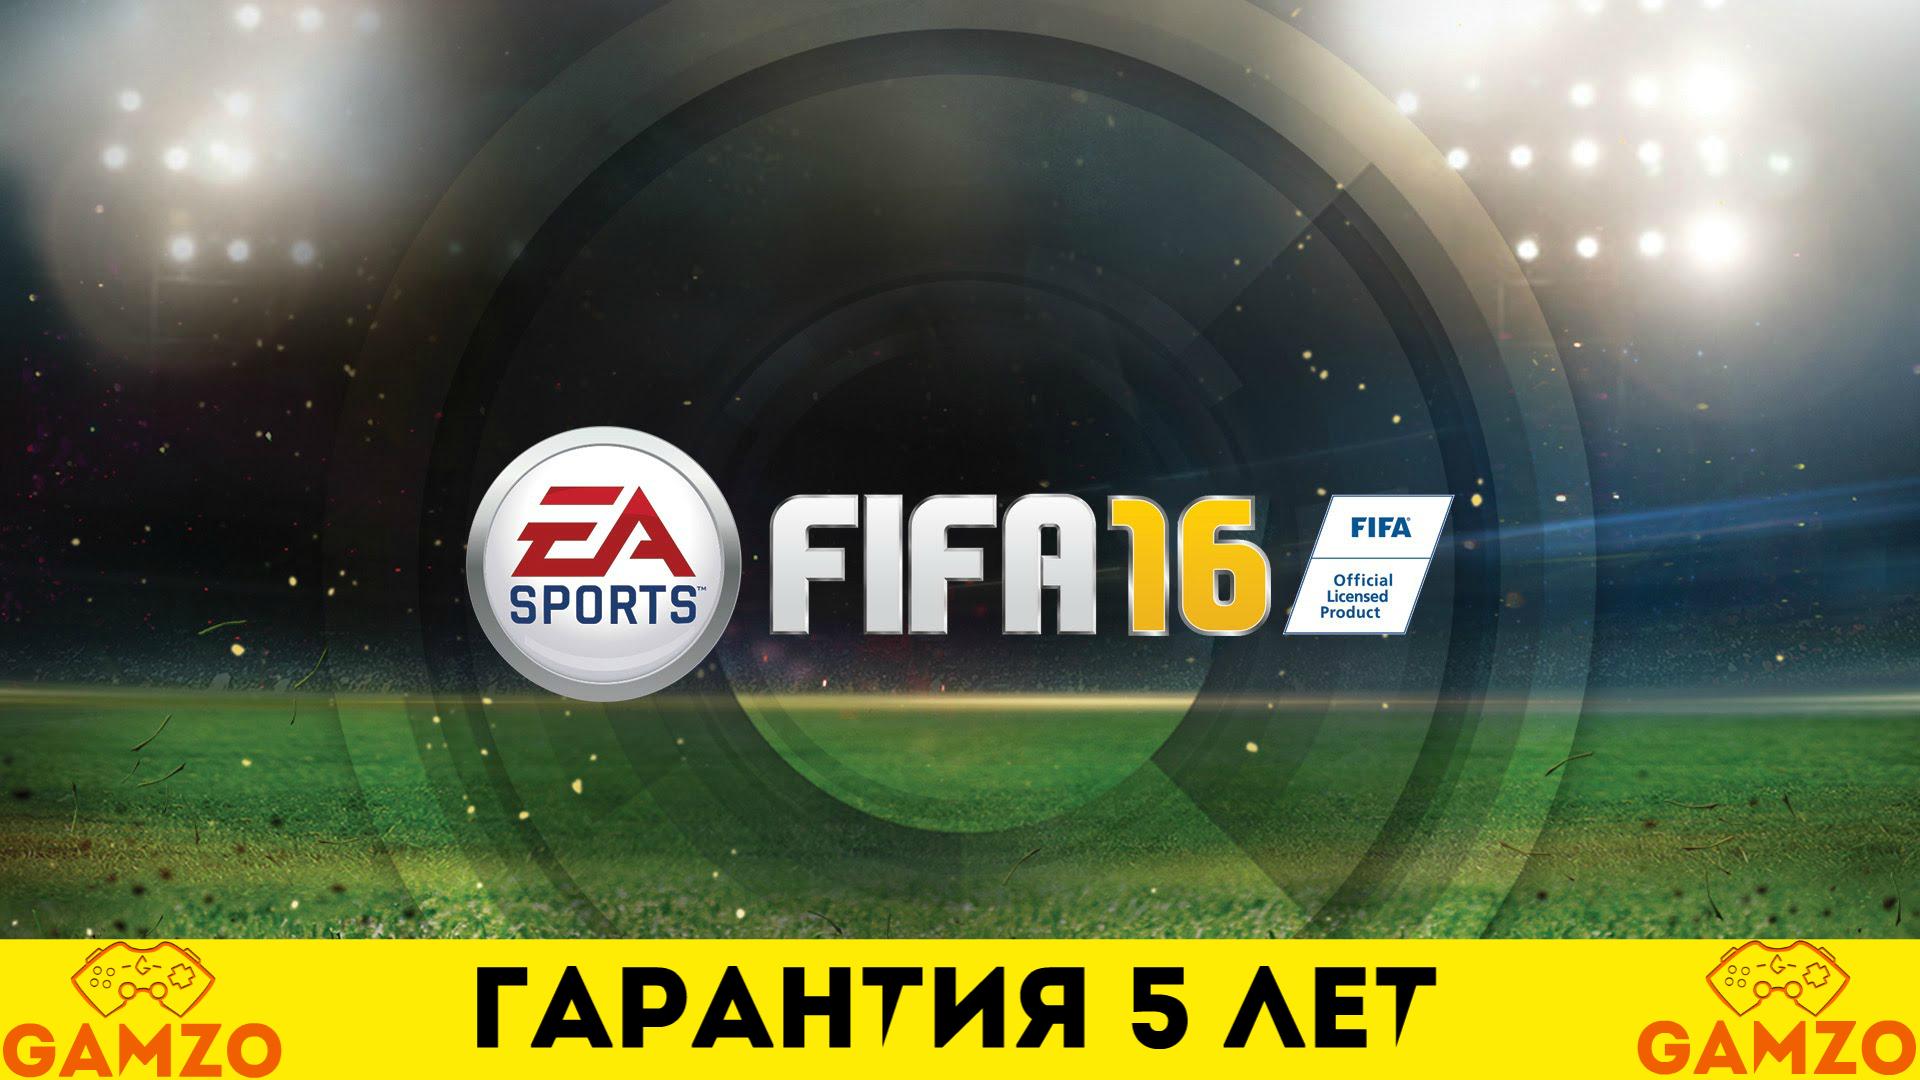 Fifa 16 | Гарантия 5 лет | + Подарок